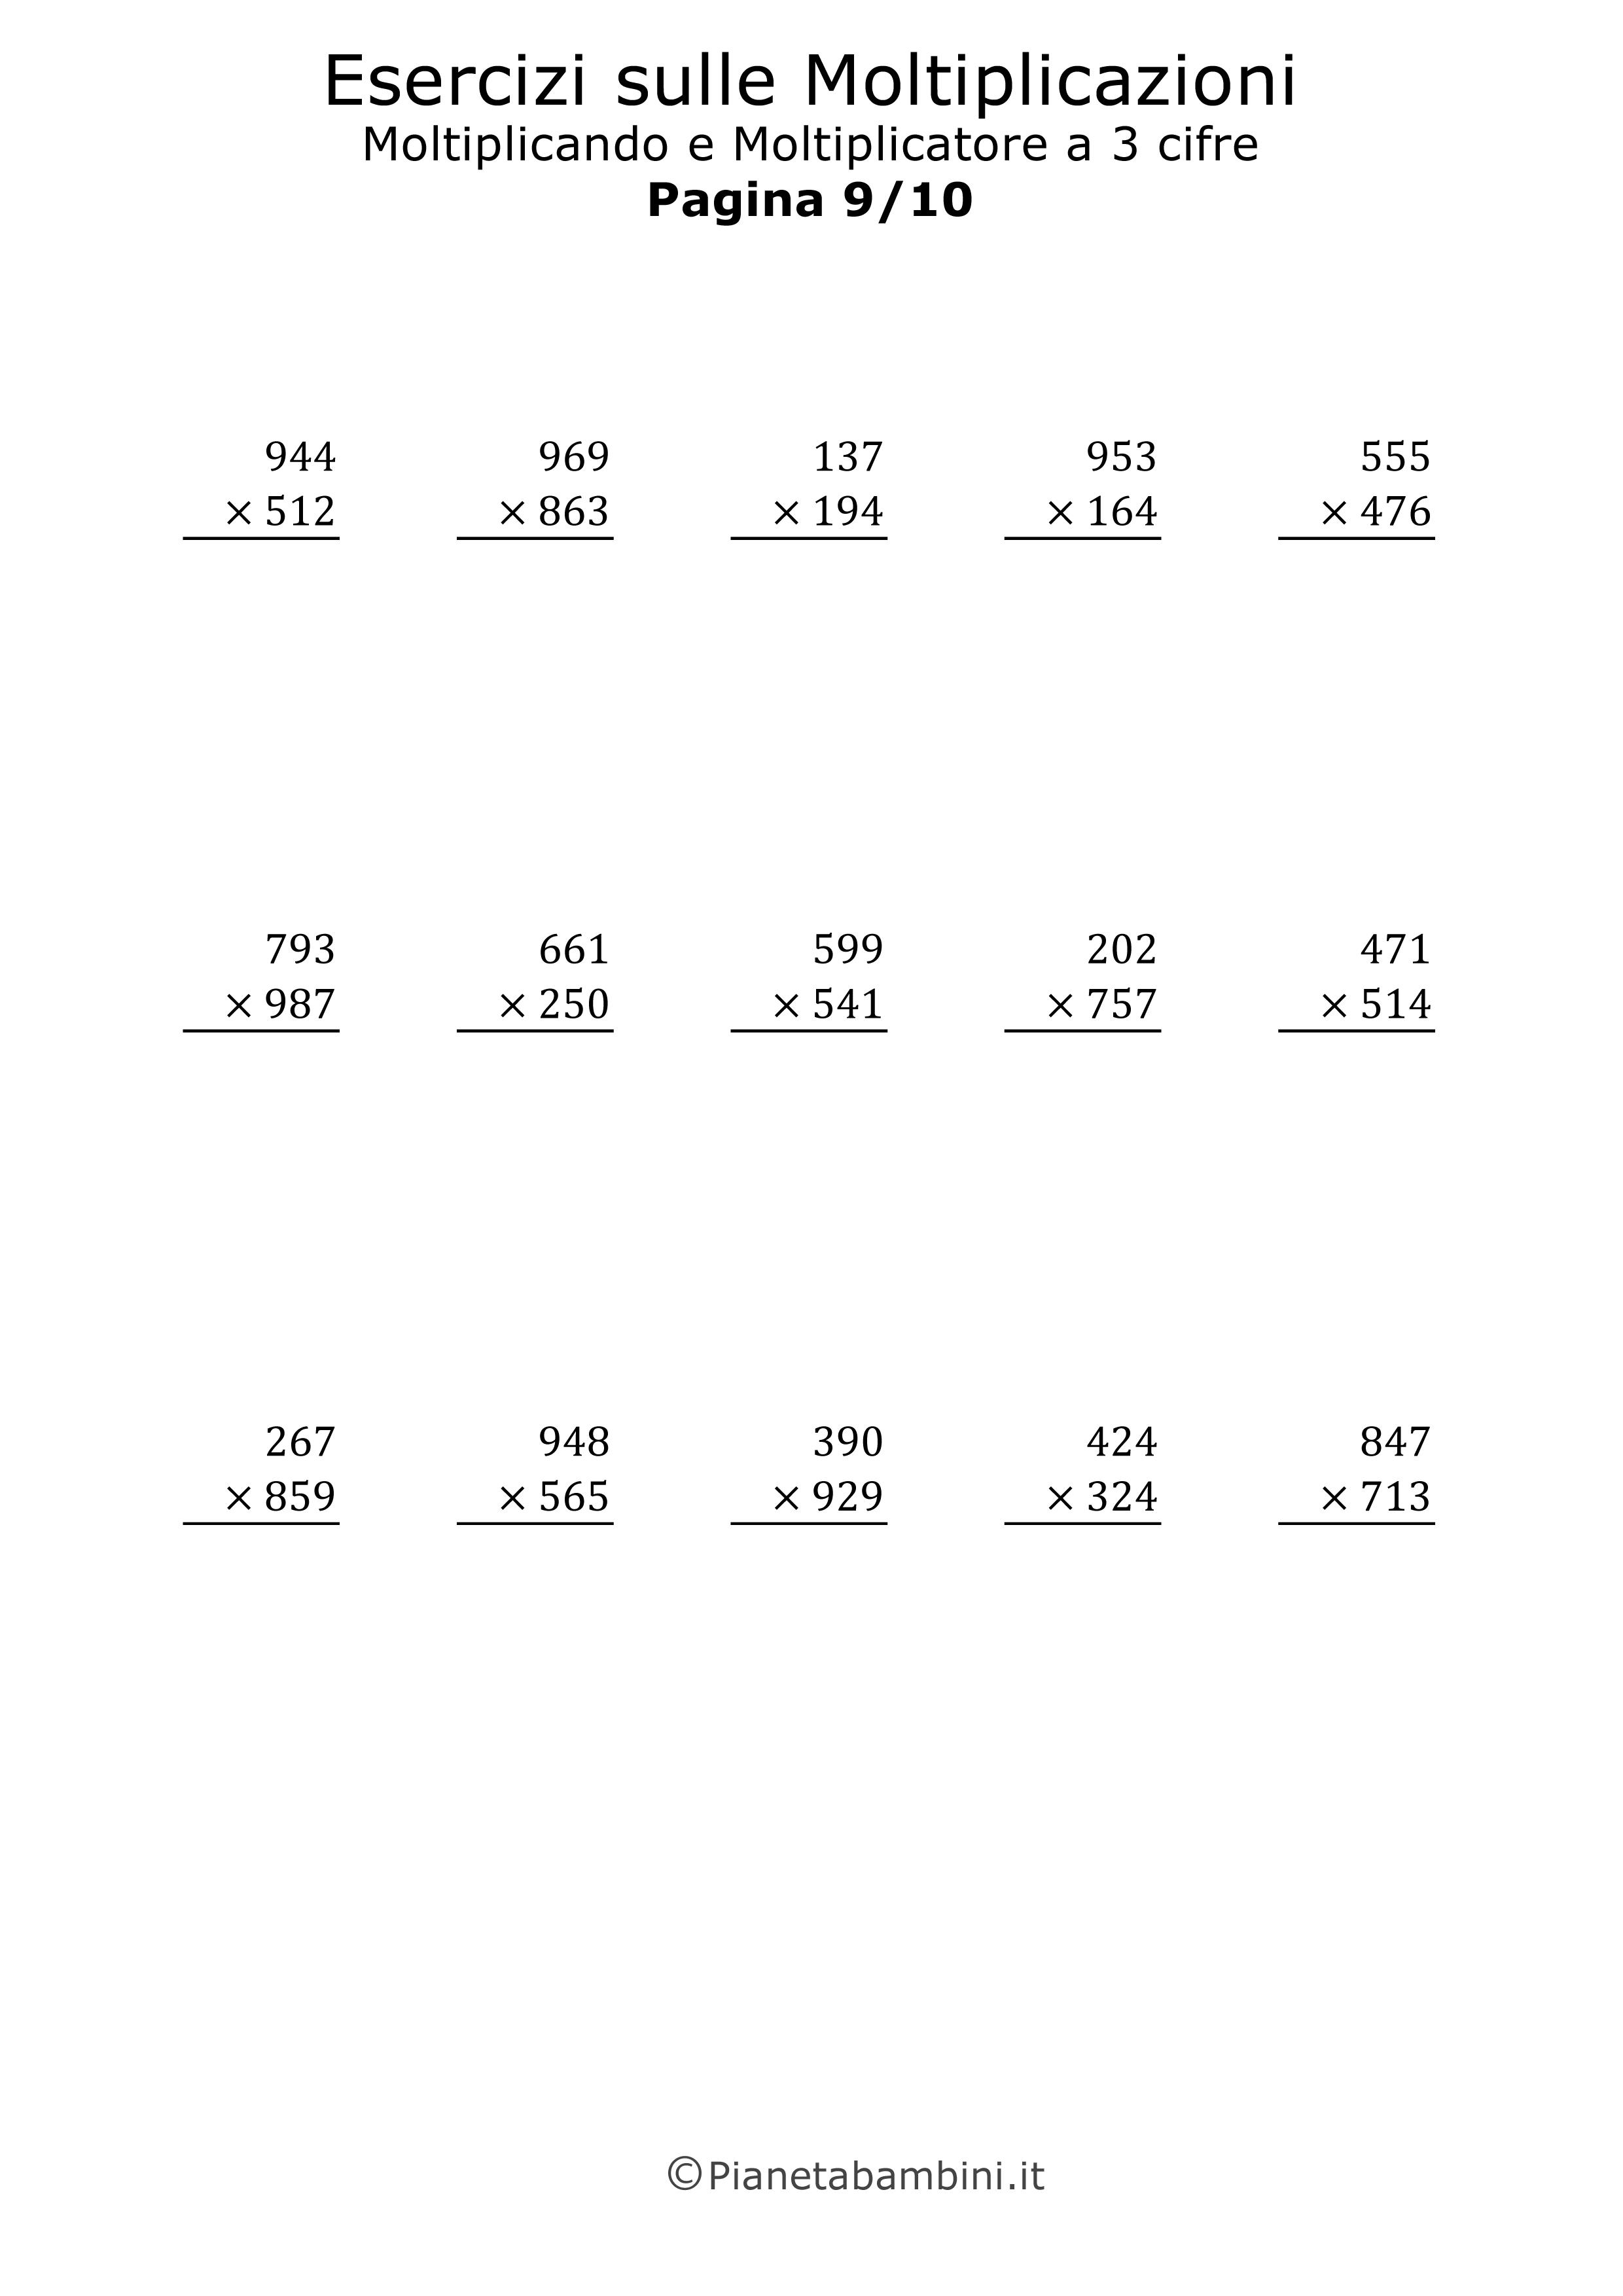 Esercizi-Moltiplicazioni-3-Cifre_09